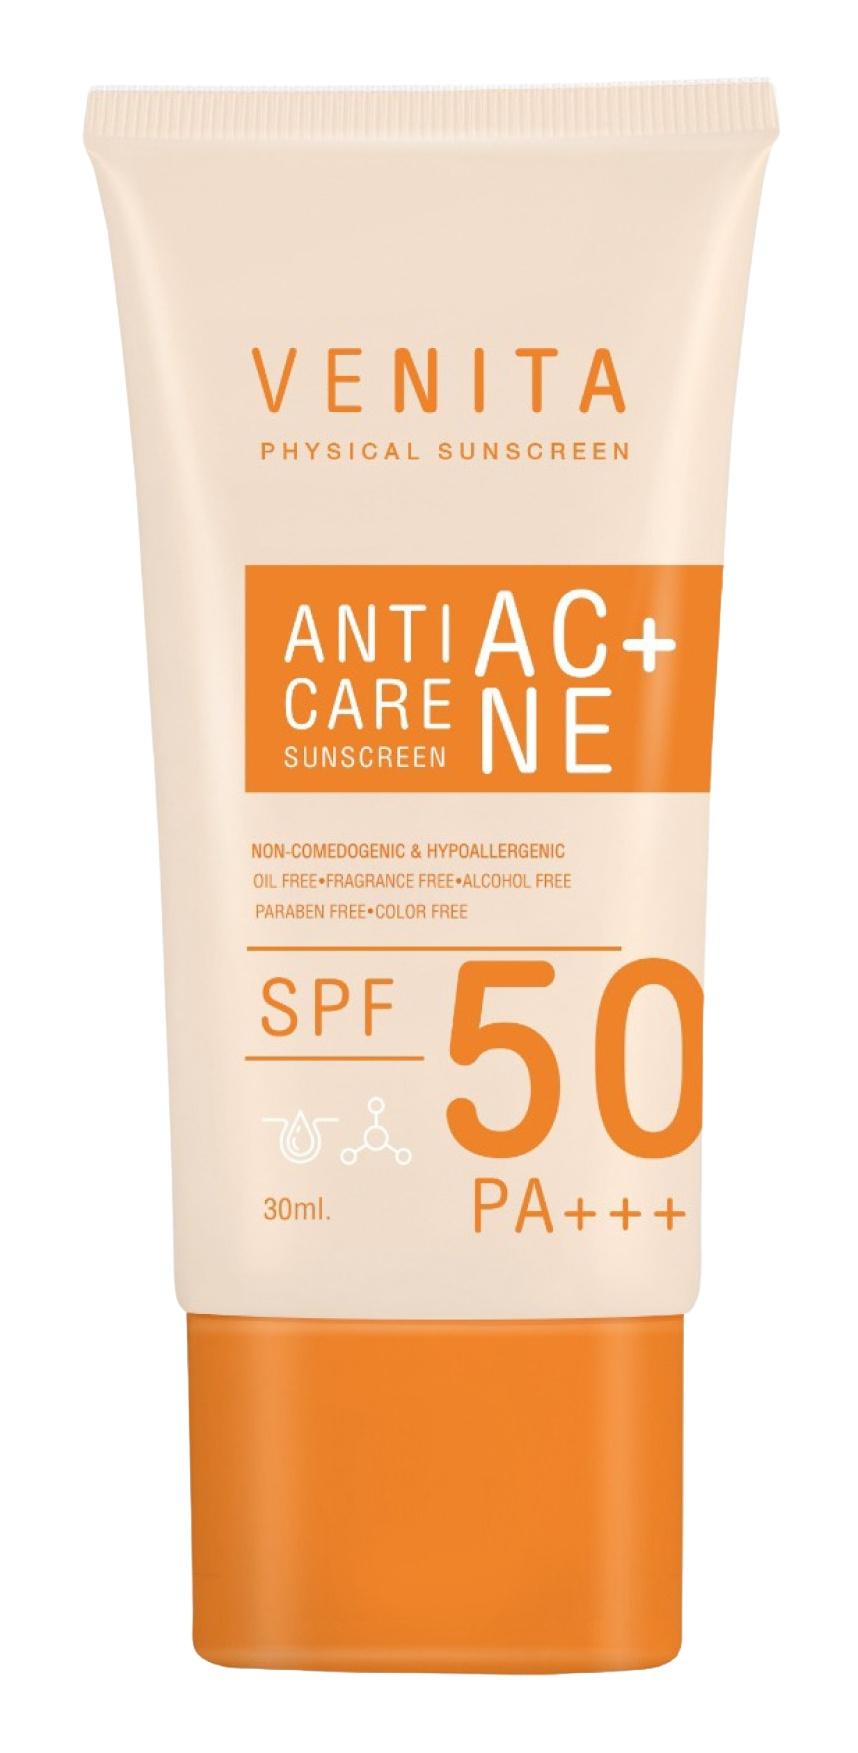 Venita Anti-Acne Care Sunscreen SPF 50 Pa+++